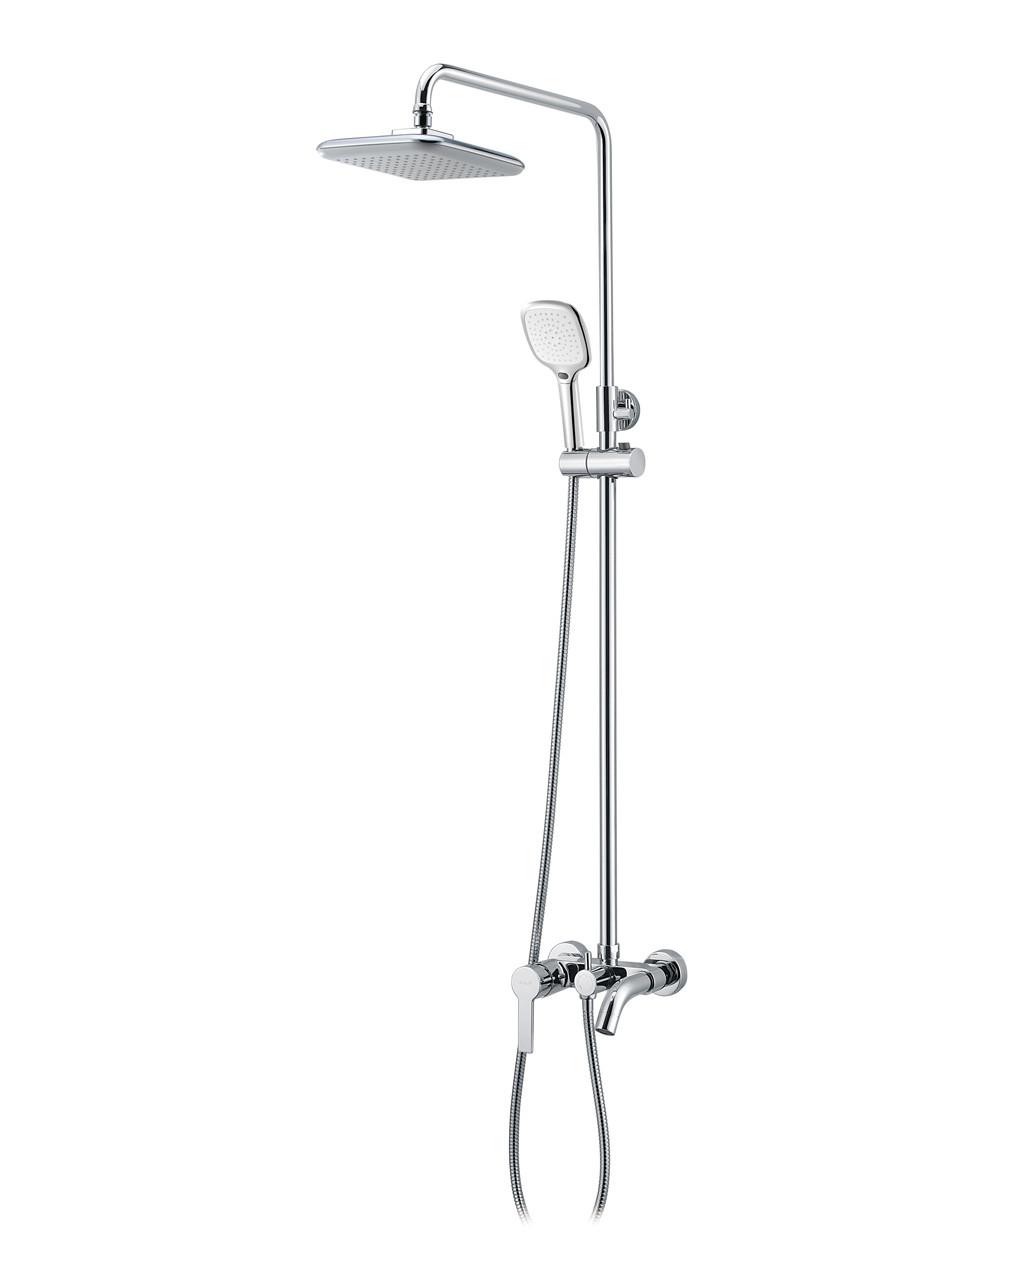 BILA DESNE система душевая (смеситель для ванны, верхний и ручной душ 3 режима, шланг 1,5м)